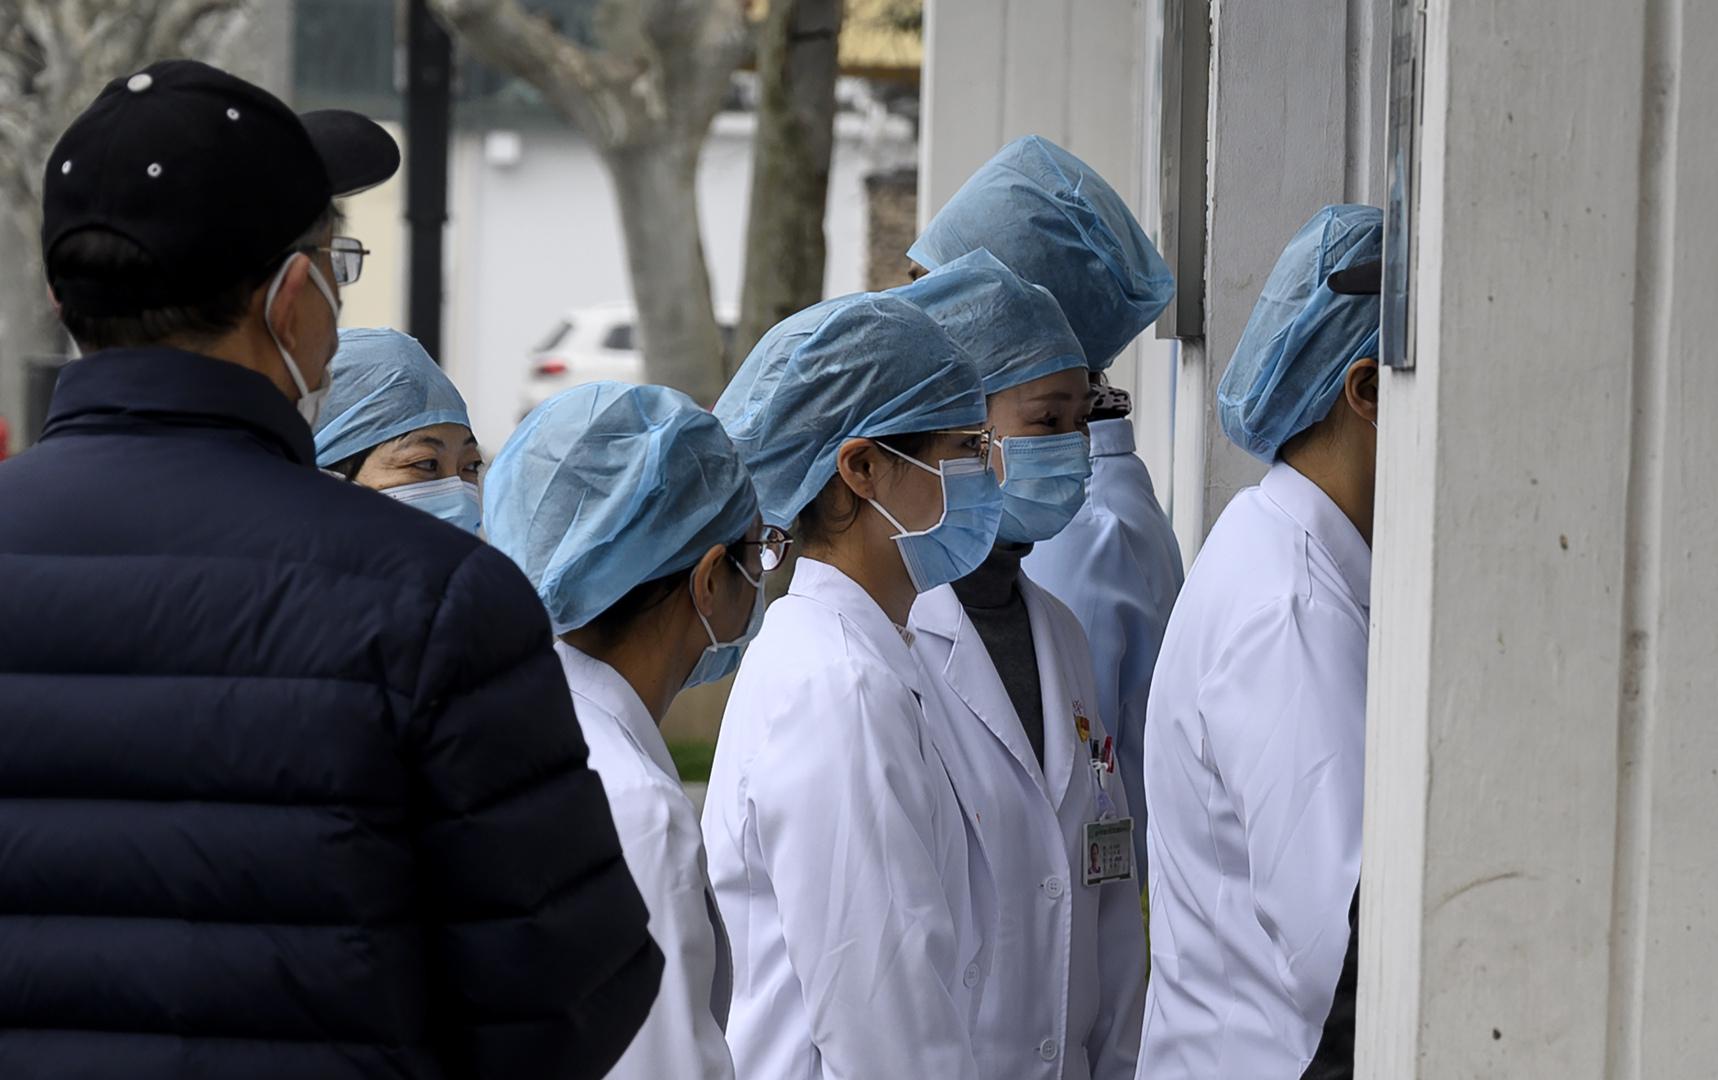 تطور مثير للقلق في حرب الصين ضد فيروس